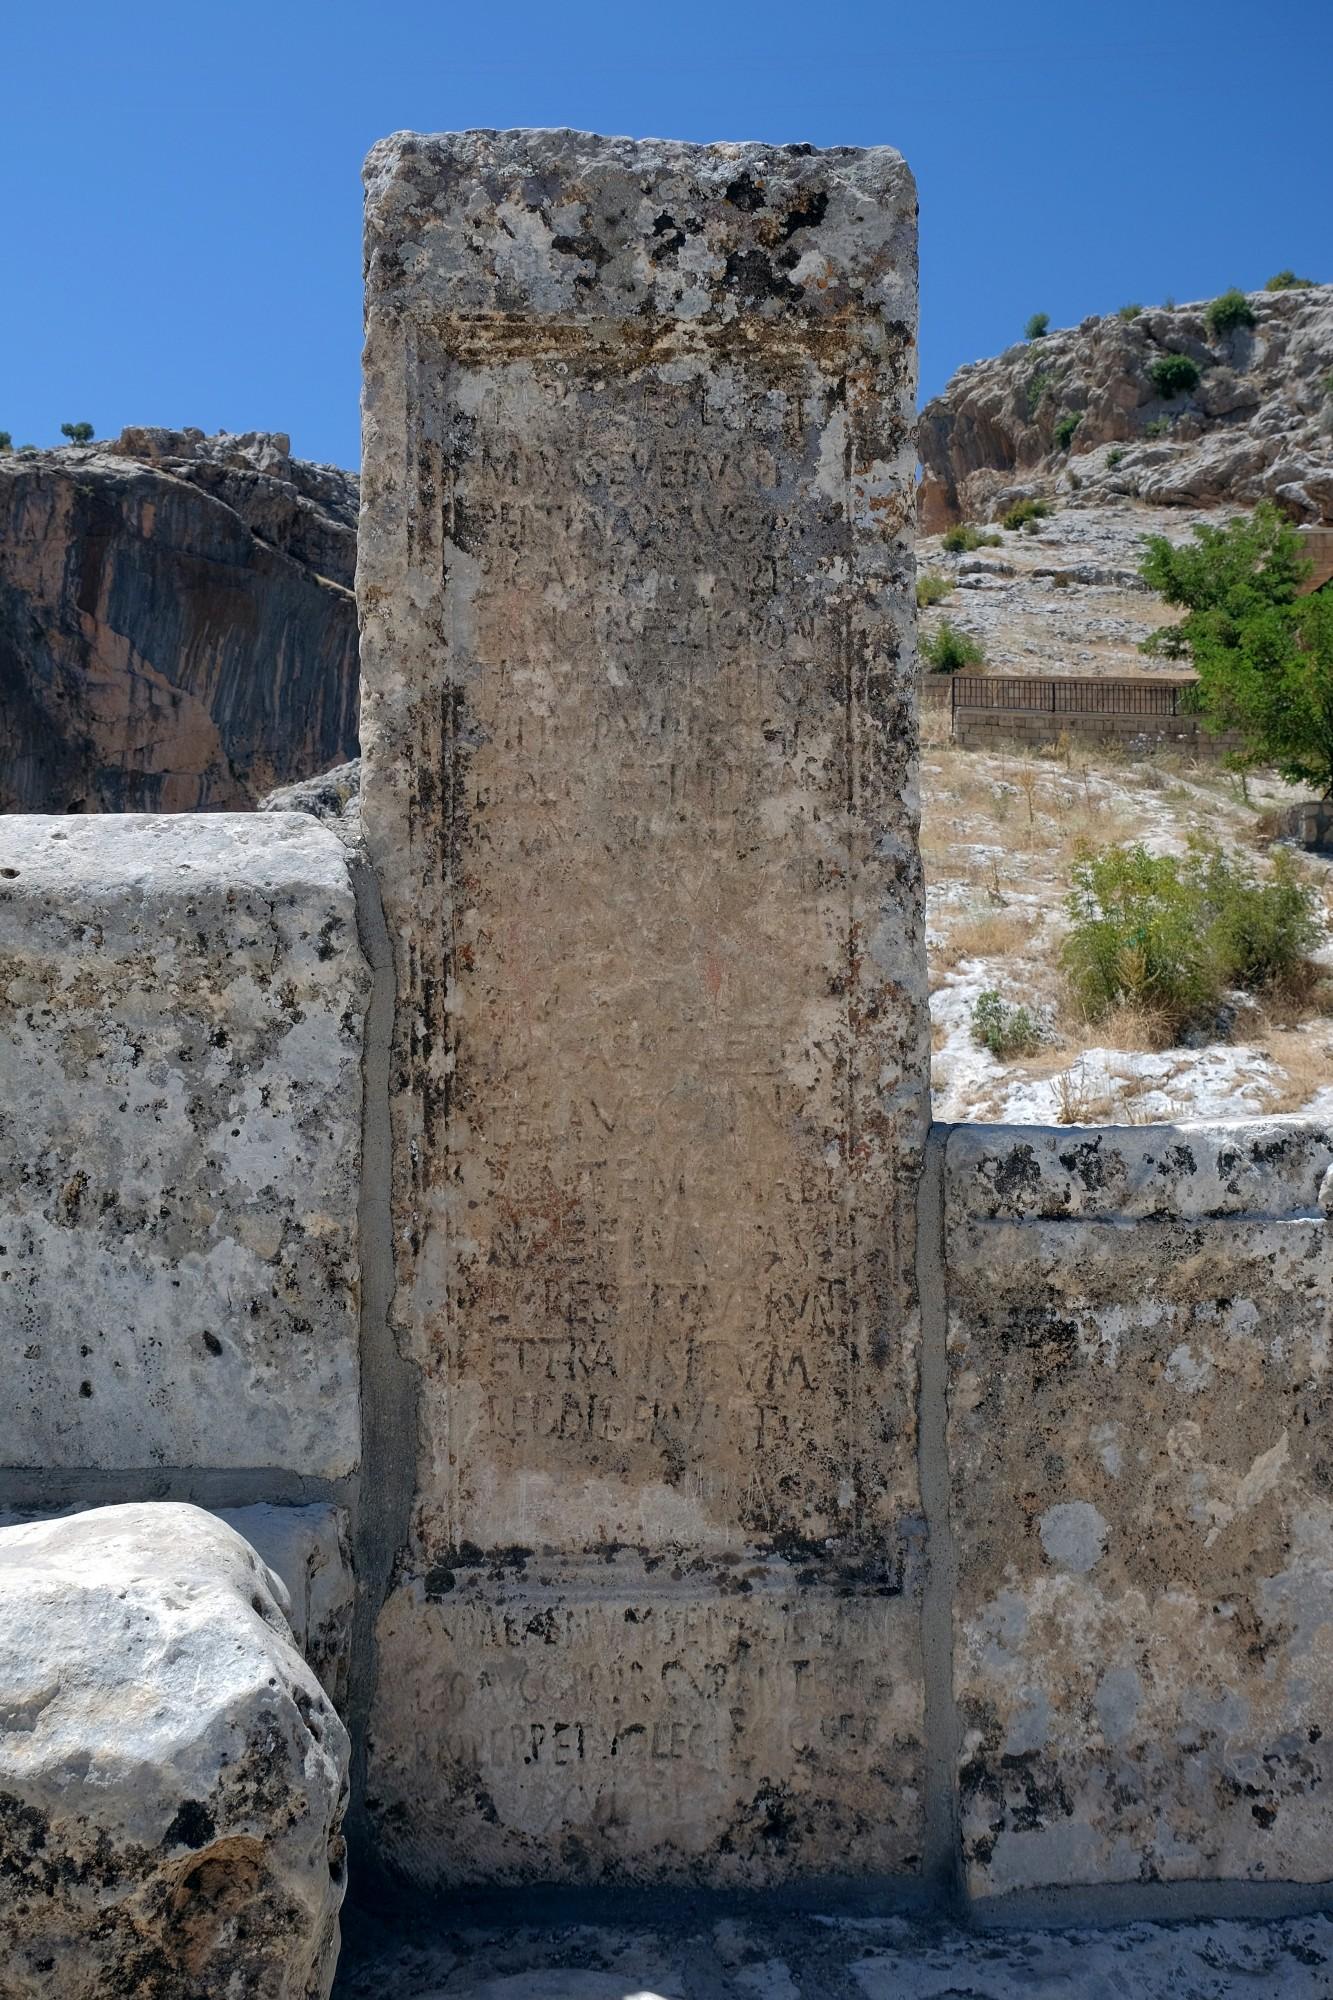 Inskrypcja na moście Septymiusza Sewera - wersja pierwsza